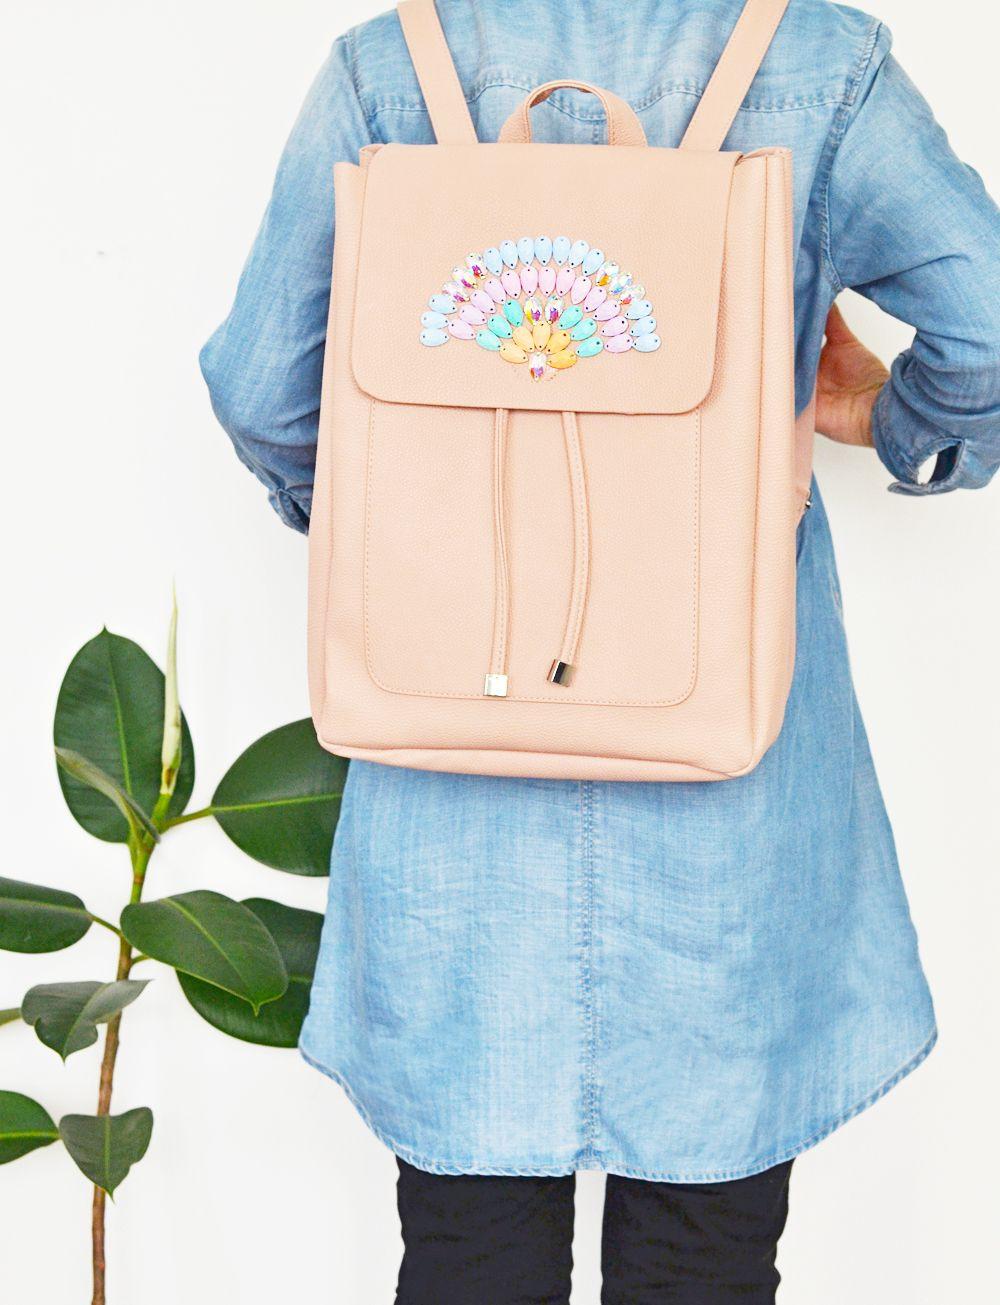 Diy Rucksack  DIY Crystal Backpack